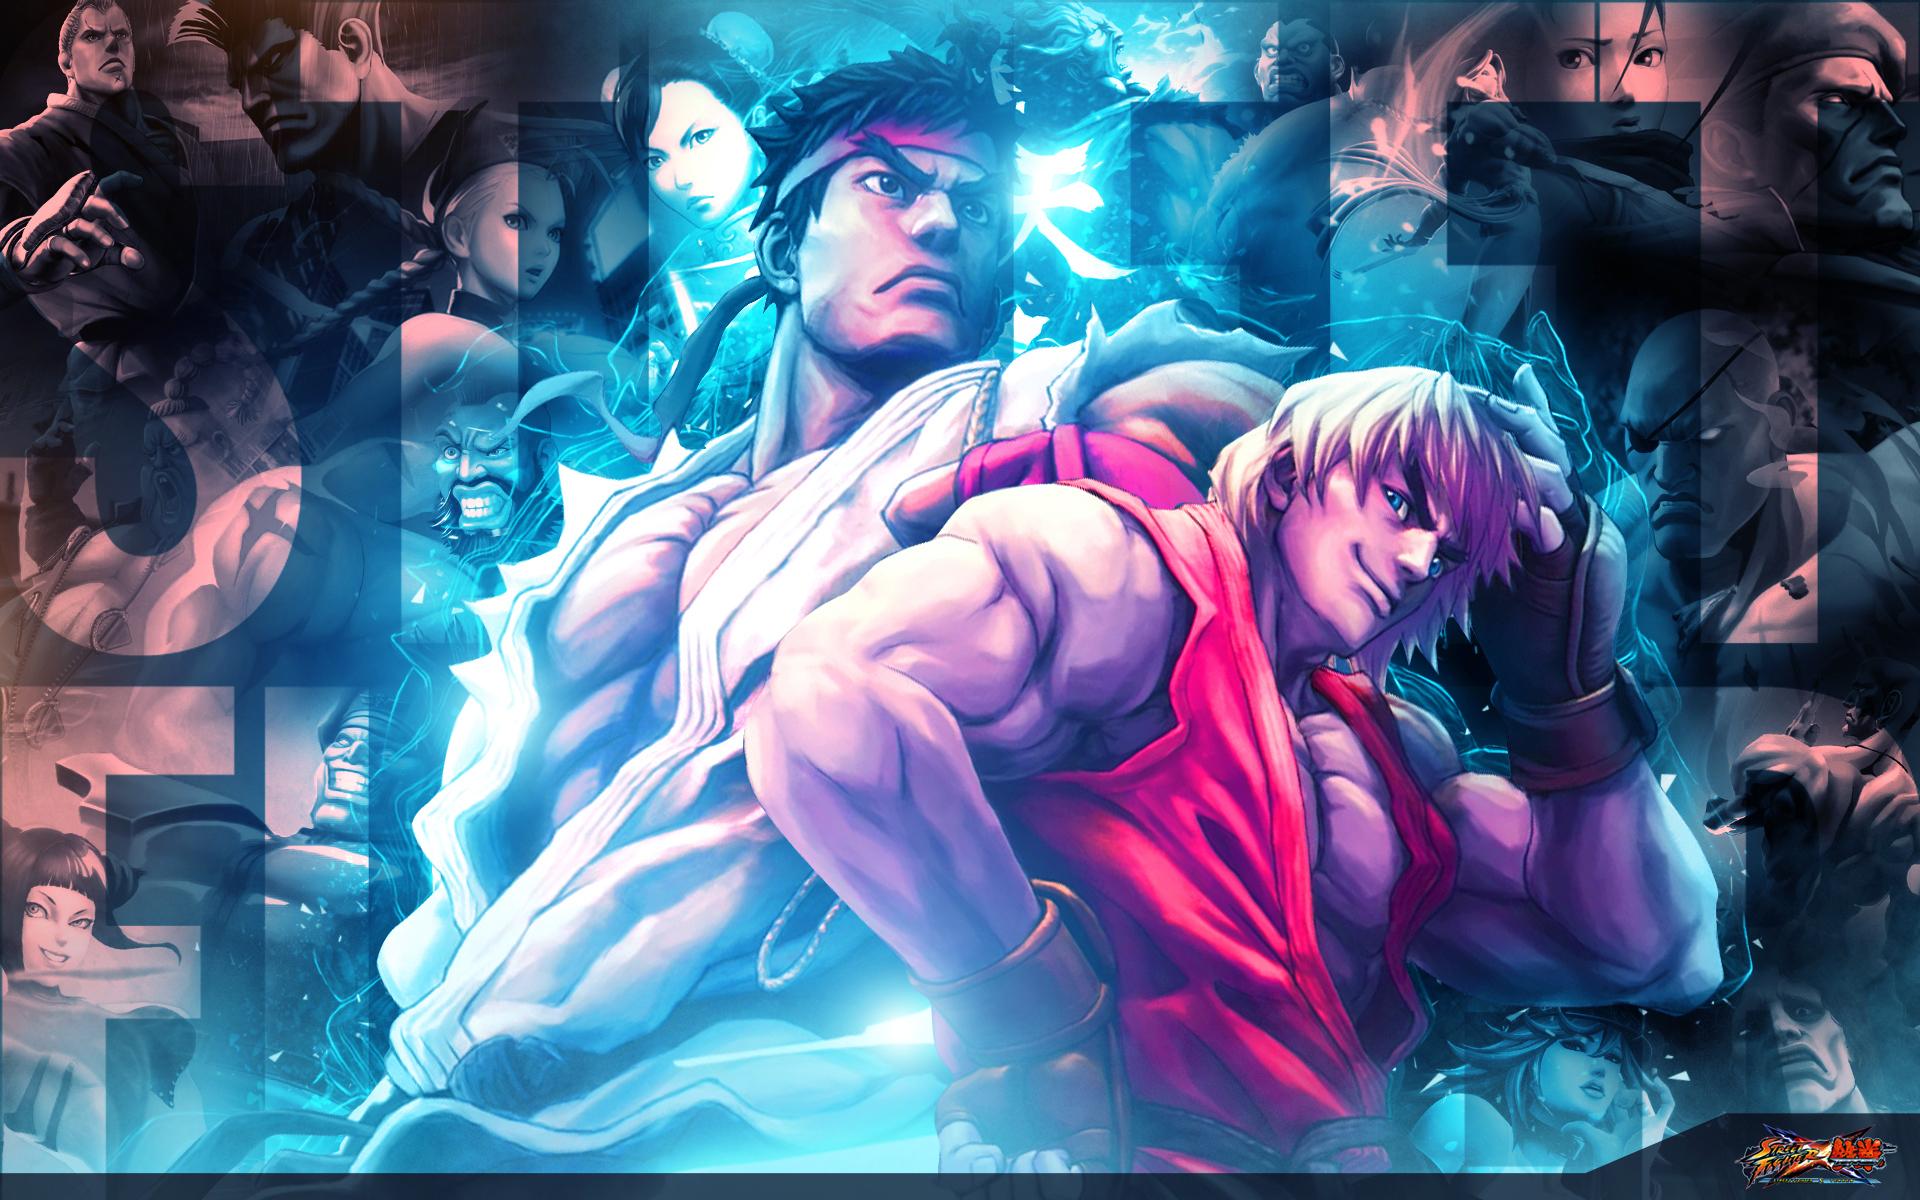 Street Fighter X Tekken Wallpaper Hd Street Fighter Vs Tekken Hd